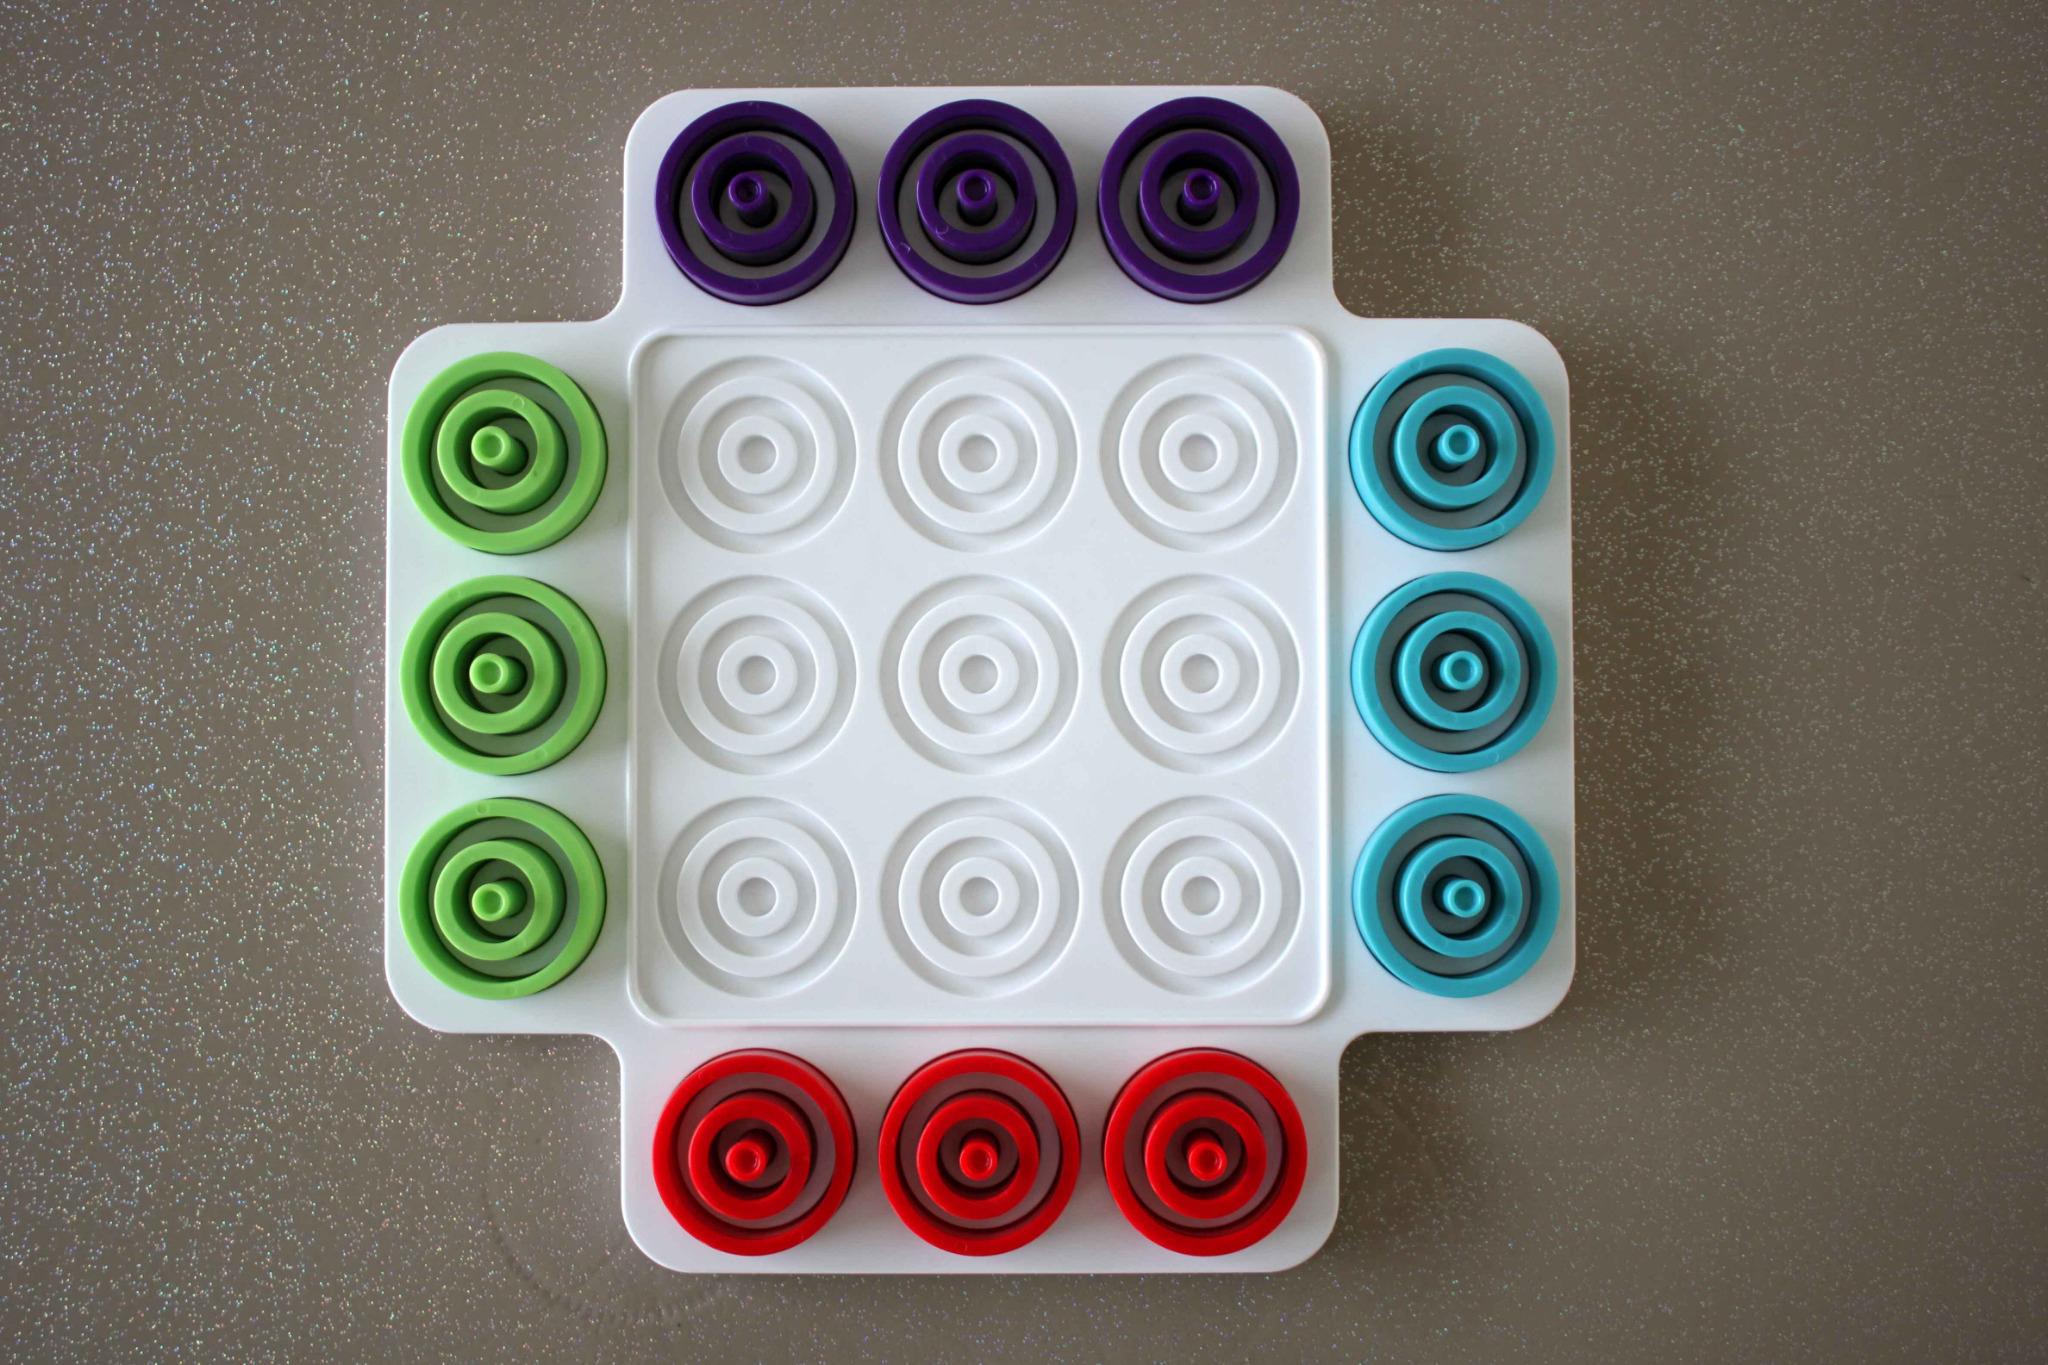 Otrio (Jeu De Société De Chez Marbles) - On Lit, On Joue avec Jeu Quatre Images